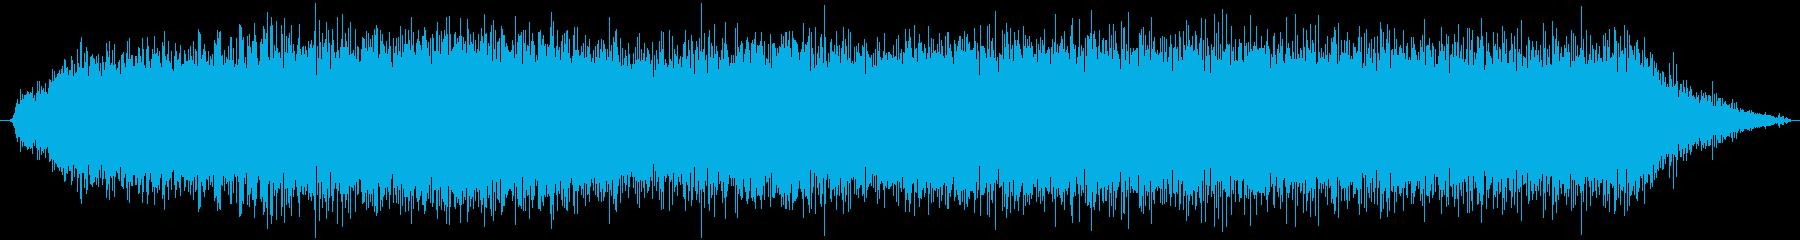 小さな輪郭サンダー:開始、実行、シ...の再生済みの波形